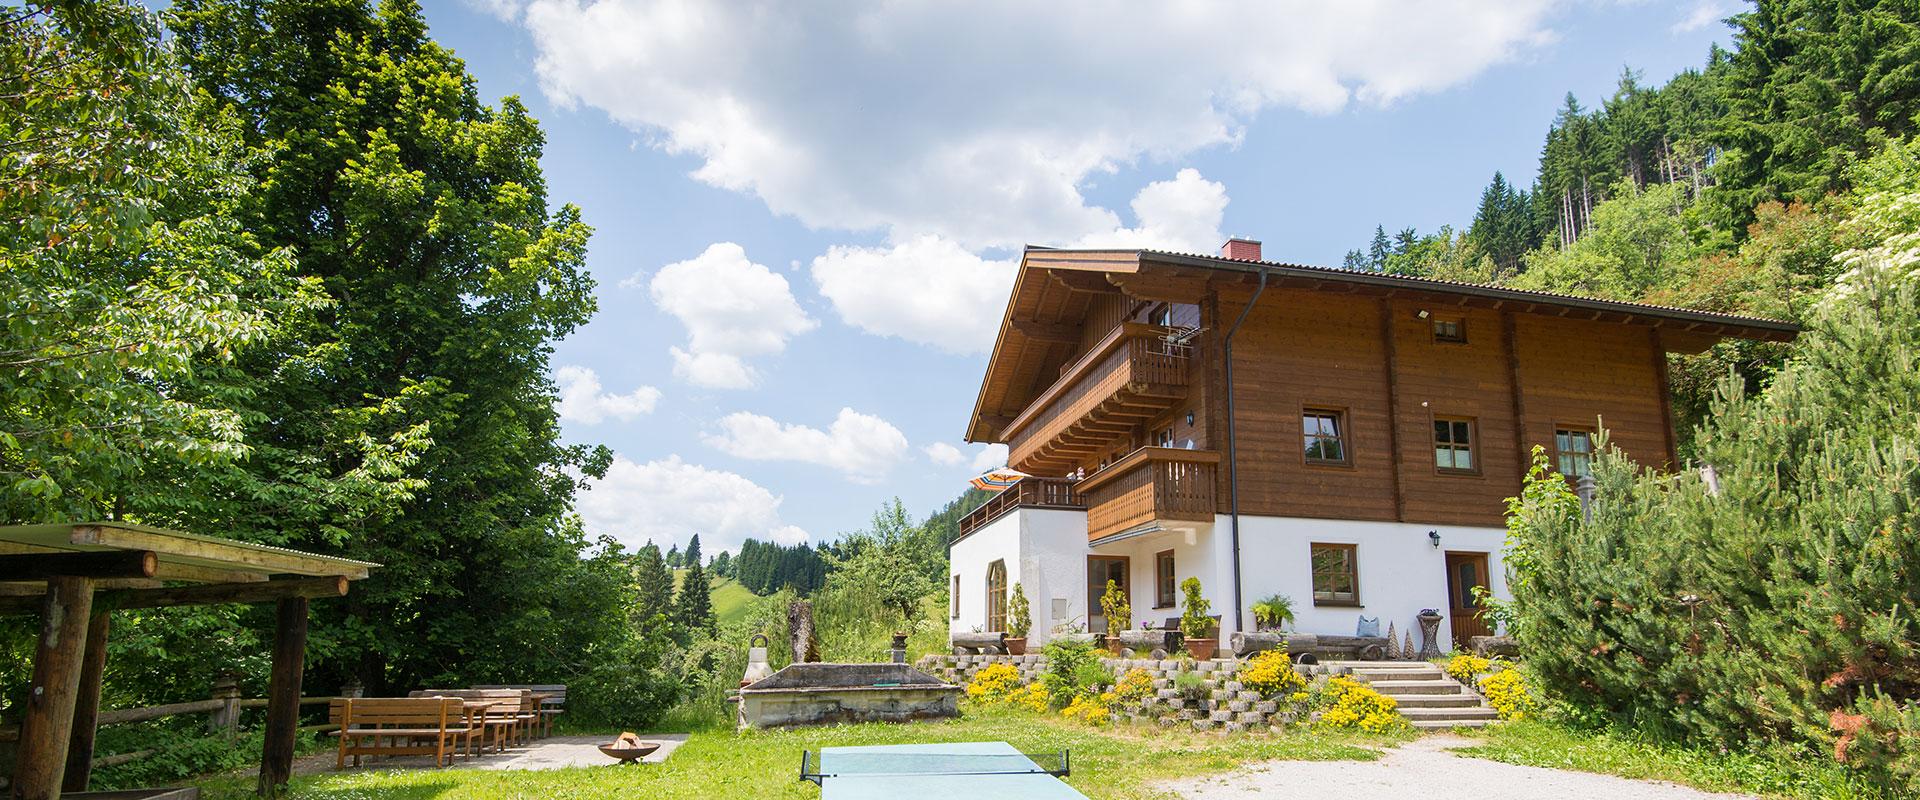 Anfrage - Ferienwohnungen am Hacklgut in Radstadt